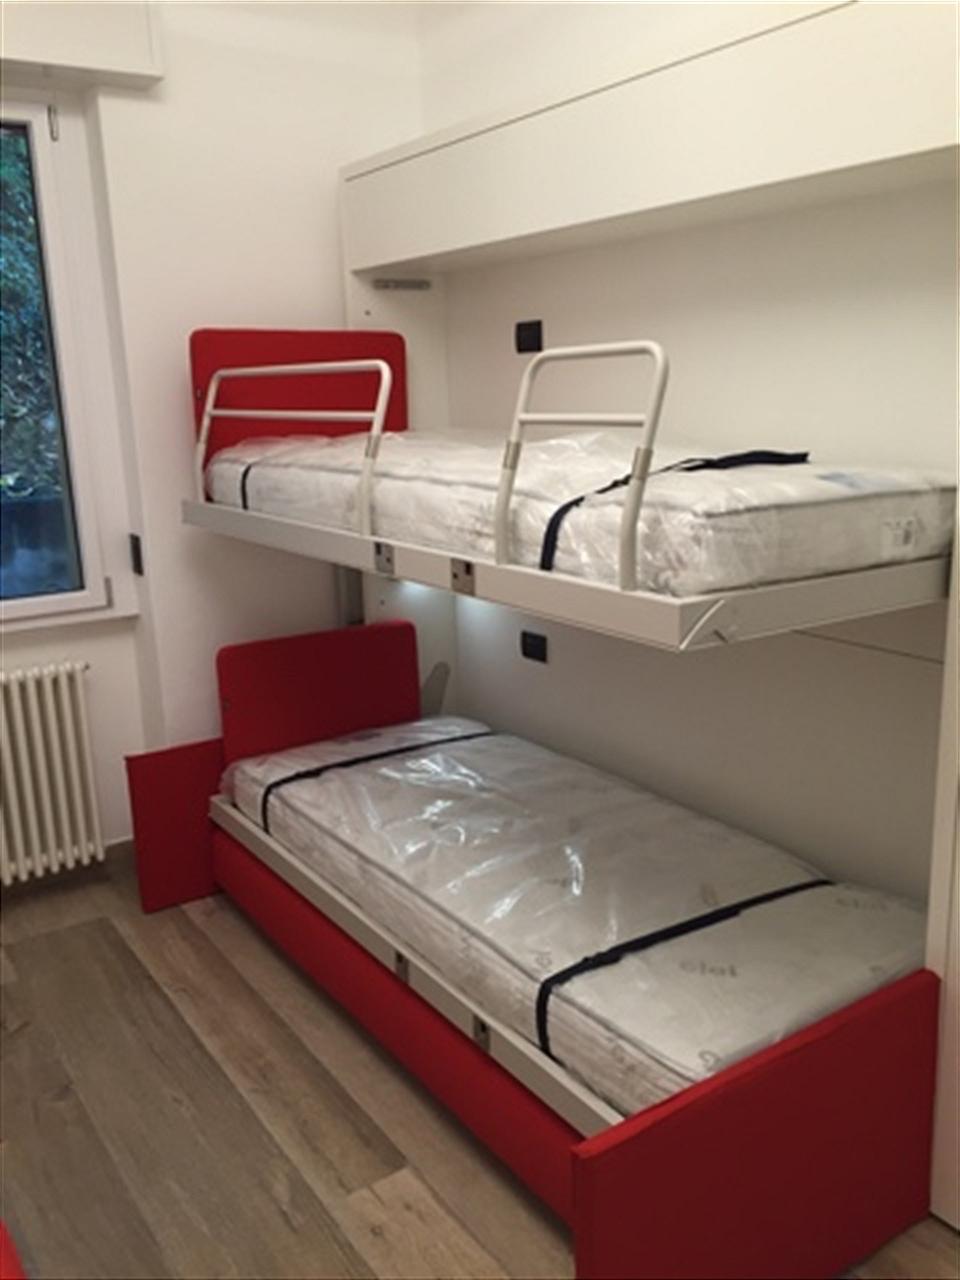 Clei letto kali duo sofa 39 2200 prezzo scontato outlet - Divano letto a castello prezzo ...